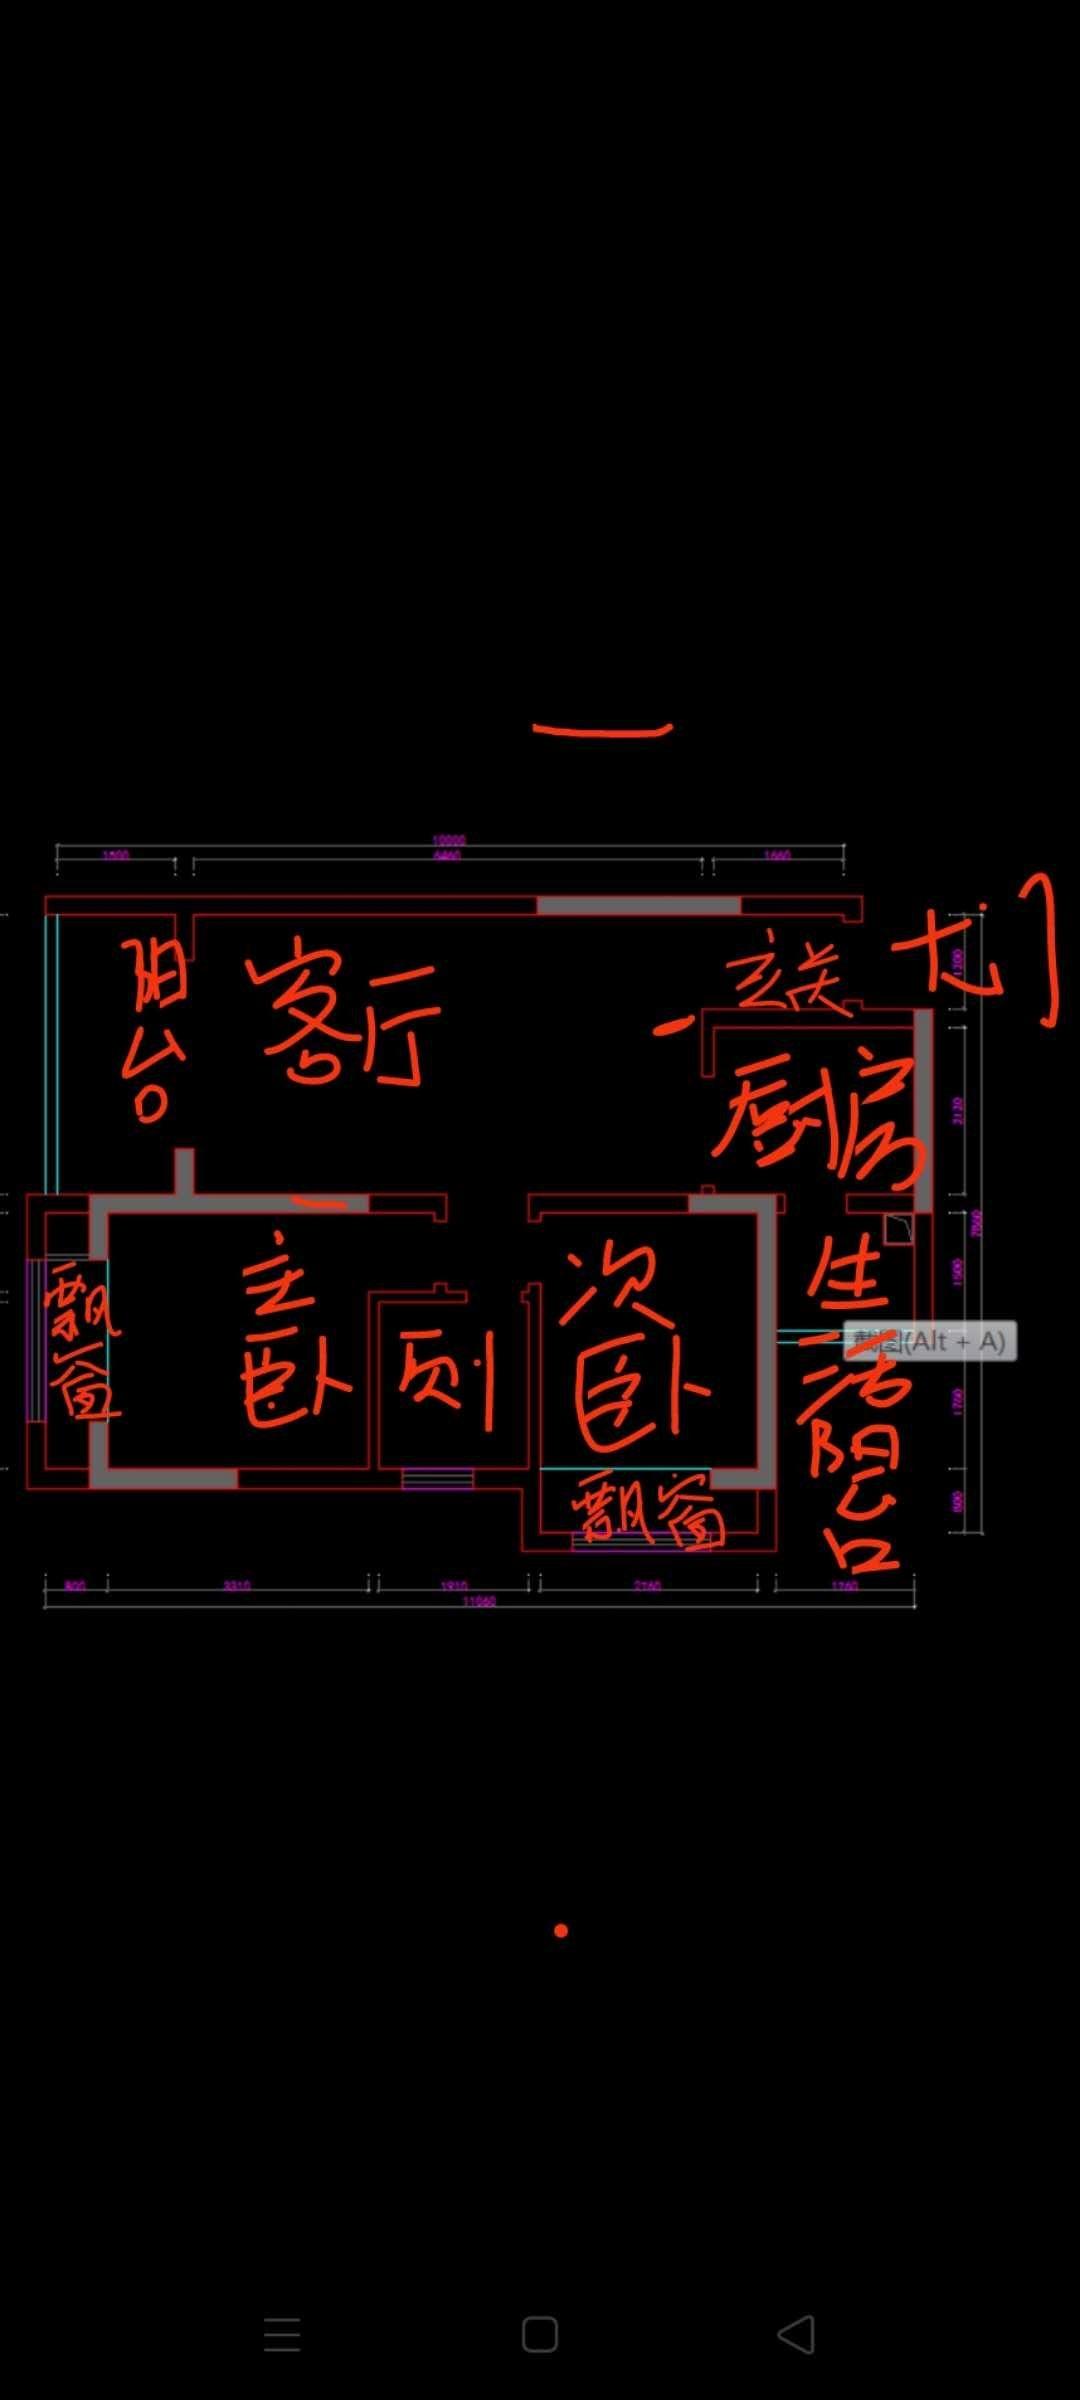 韶关锦绣御水豪庭建筑面积83的毛肧房,想简单专修,现代简约风或者简欧风,半包跟全